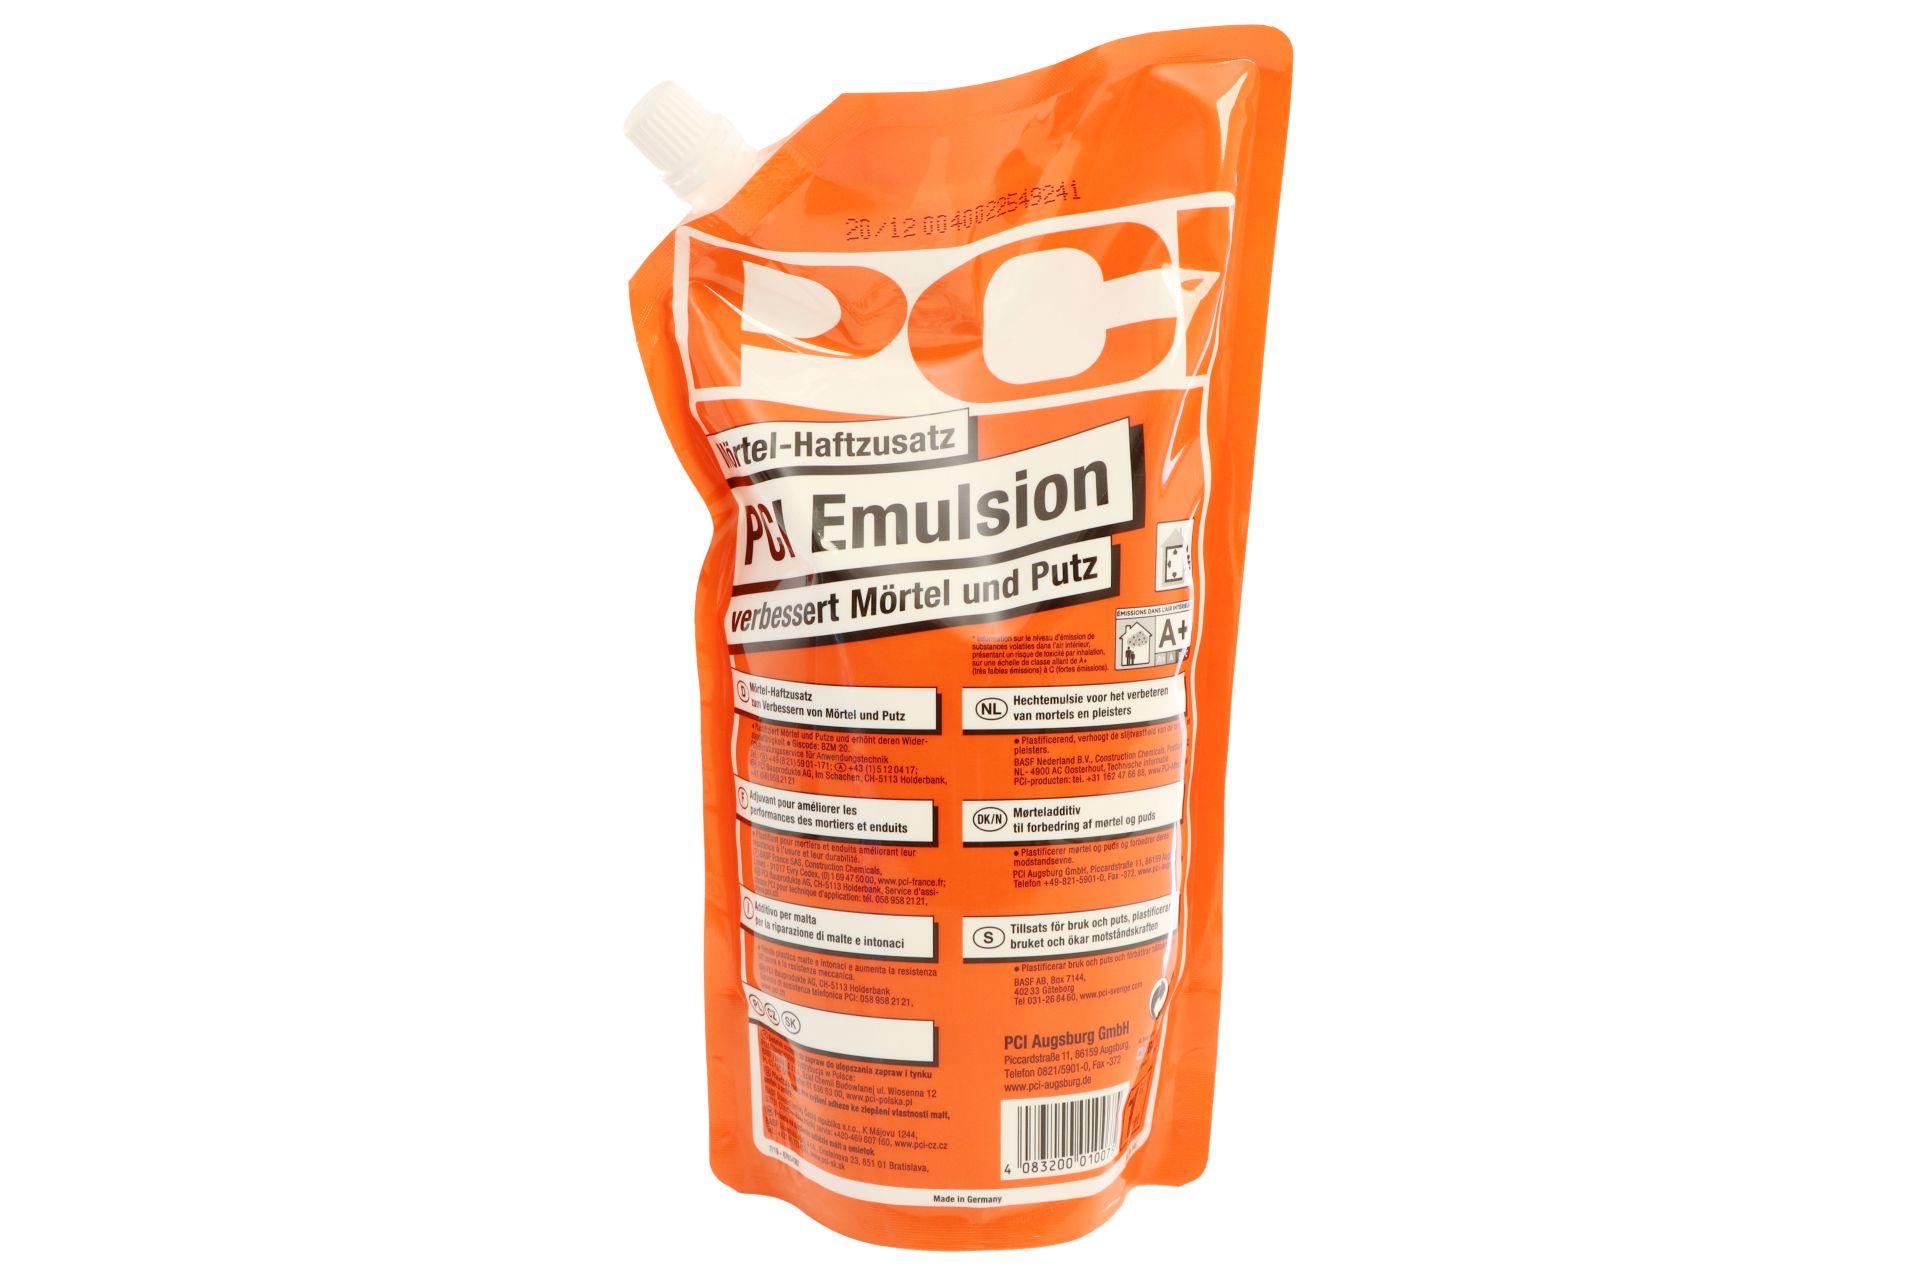 PCI Emulsion, Mörtel-Haftzusatz, verbessert Mörtel und Putz, 1 kg